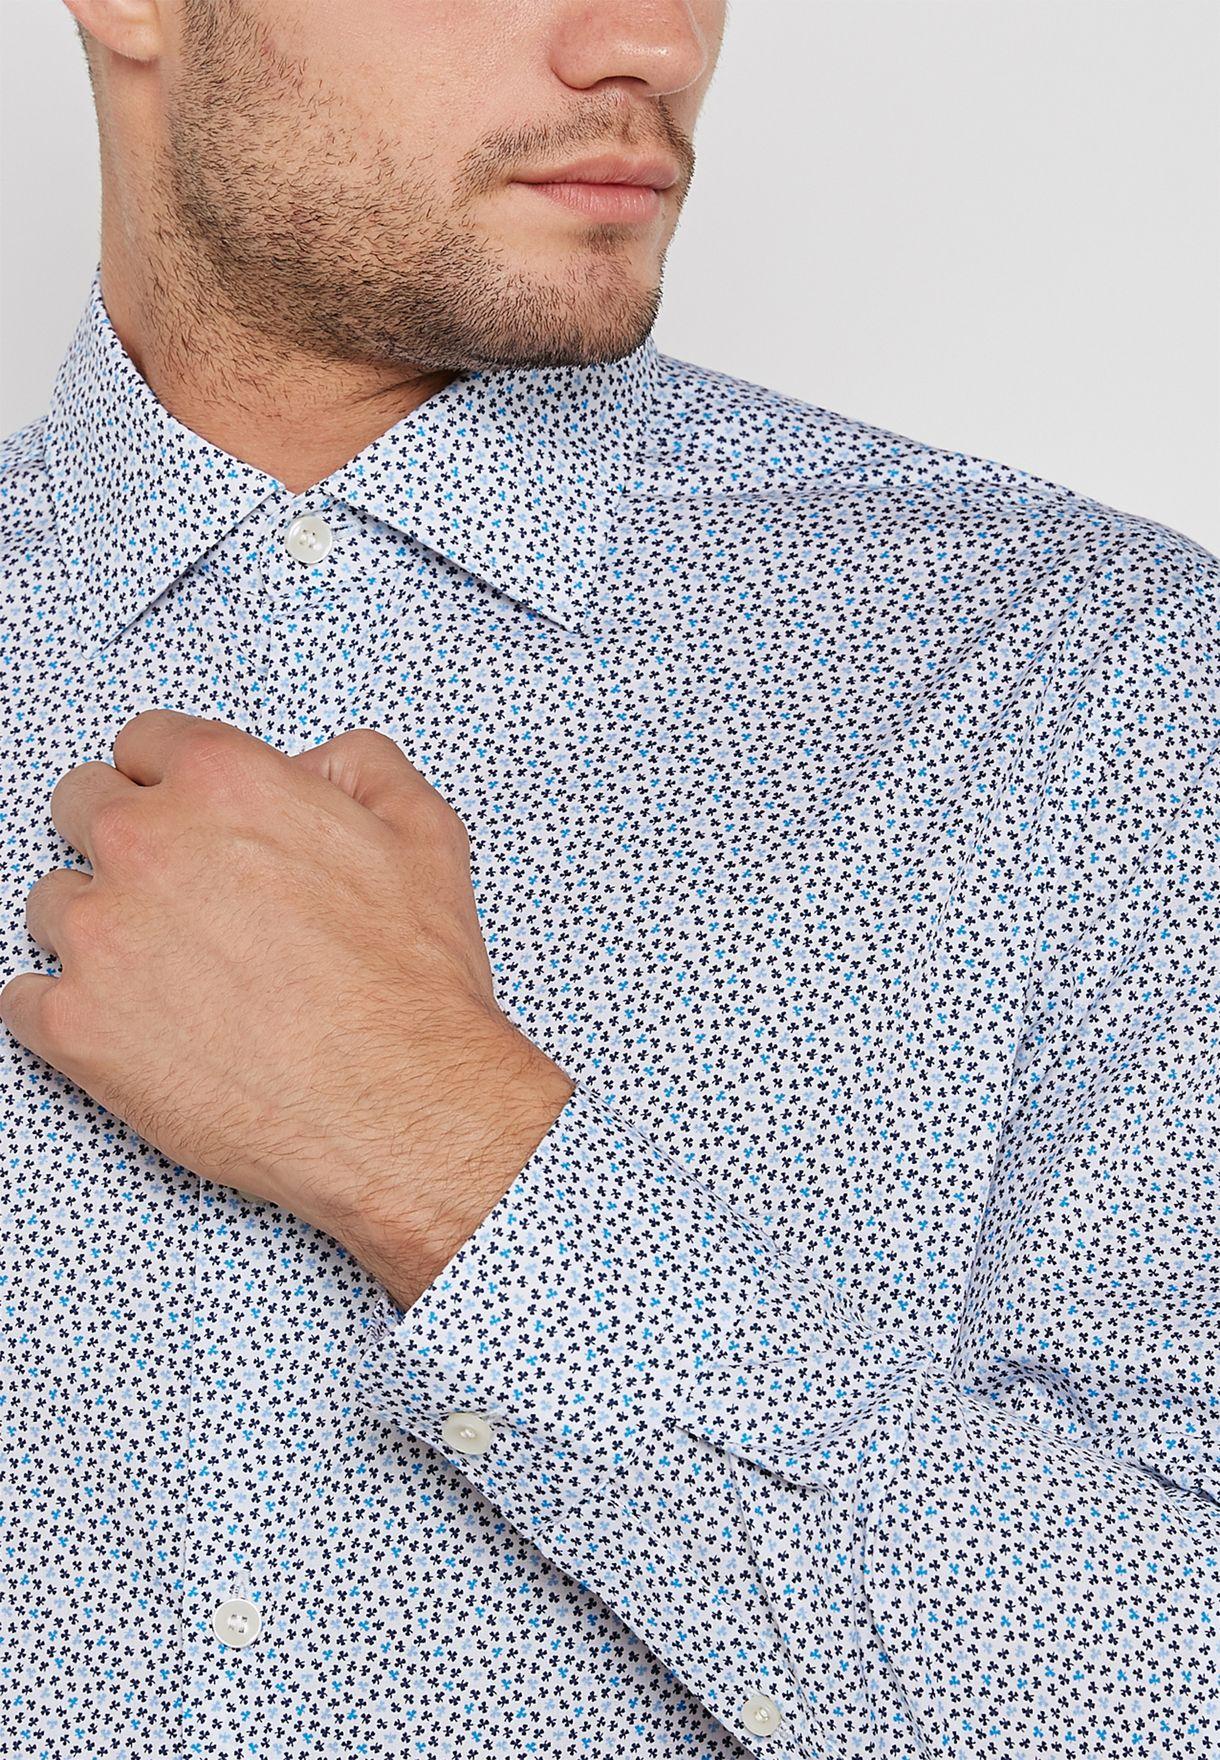 Donepen-Bliss Aop Shirt